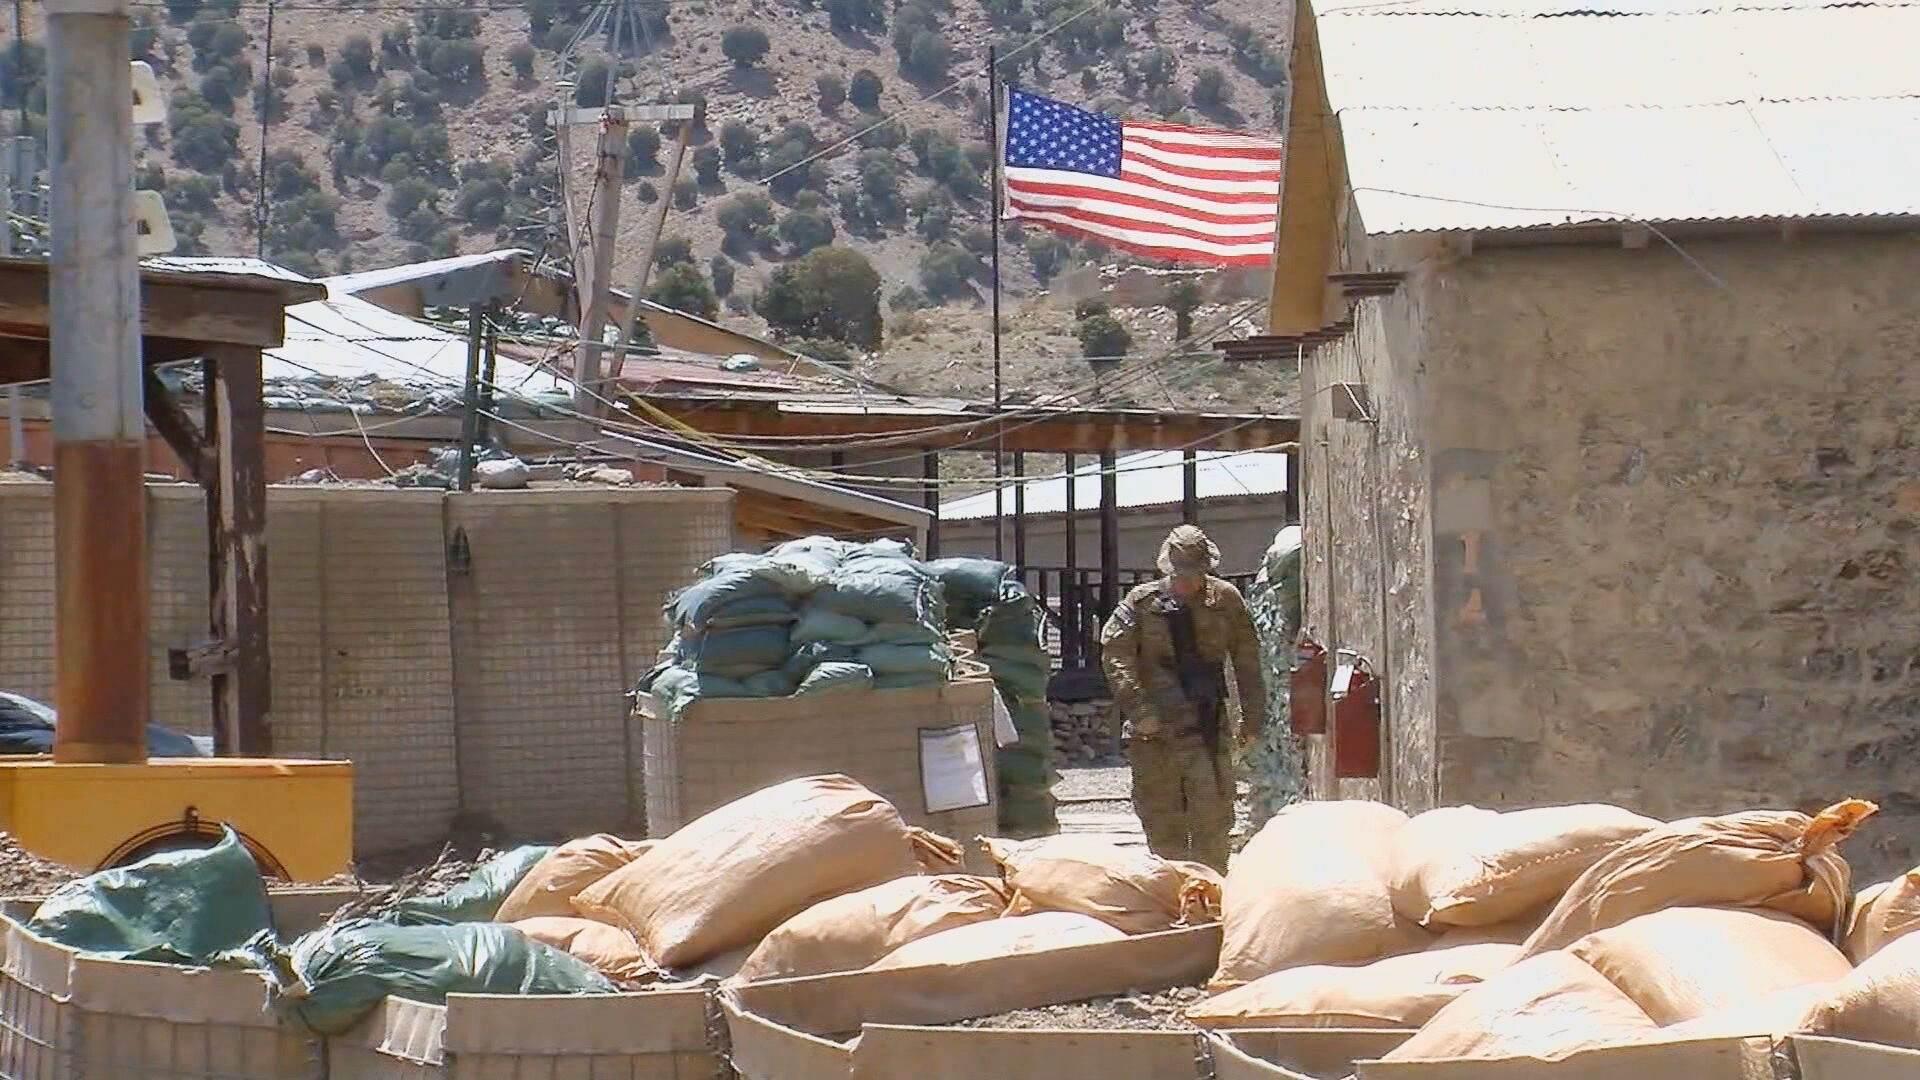 Tropas norte-americanas se retiram gradualmente do Afeganistão